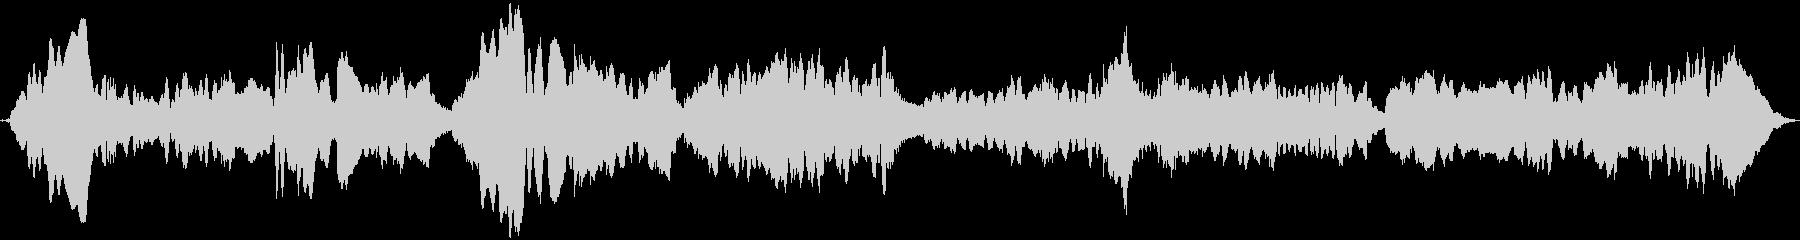 笛・ピアノの未再生の波形